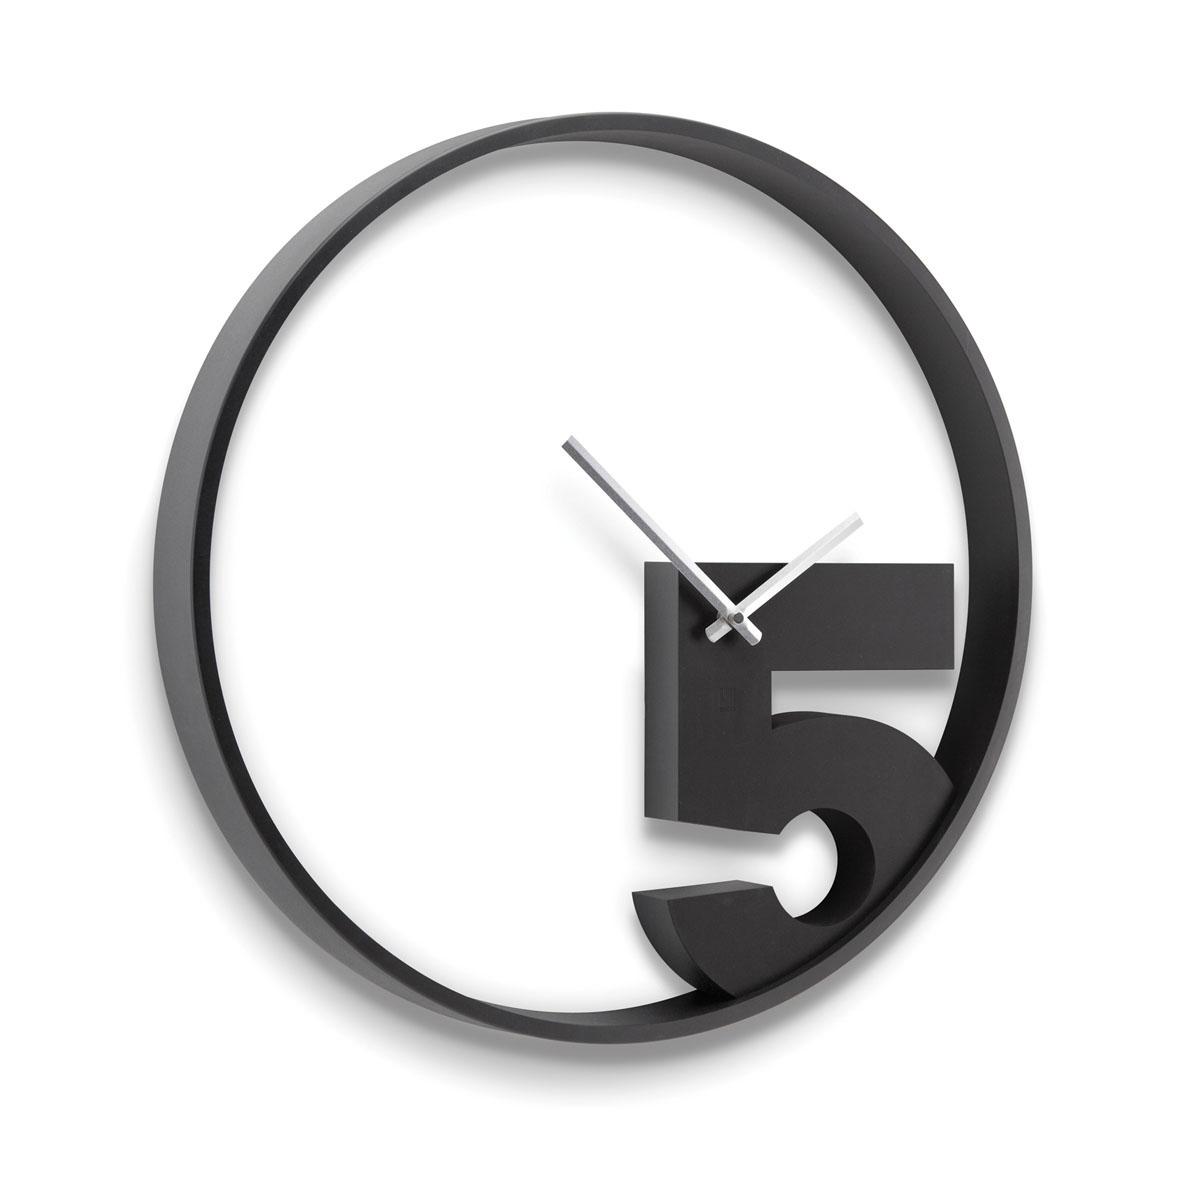 Часы настенные Umbra Take 5GLM-T003Часы настенные Umbra Take 5 выполнены изполистрола. Для многих людей самым лучшим временем суток являются 5 часов, ведь именно в это время у большинства заканчивается рабочее время. Эти часы можно повесить на рабочем месте, они будут вызывать улыбку каждый раз, когда человек будет смотреть на них. Размер: 52 х 3,2 х 4 см